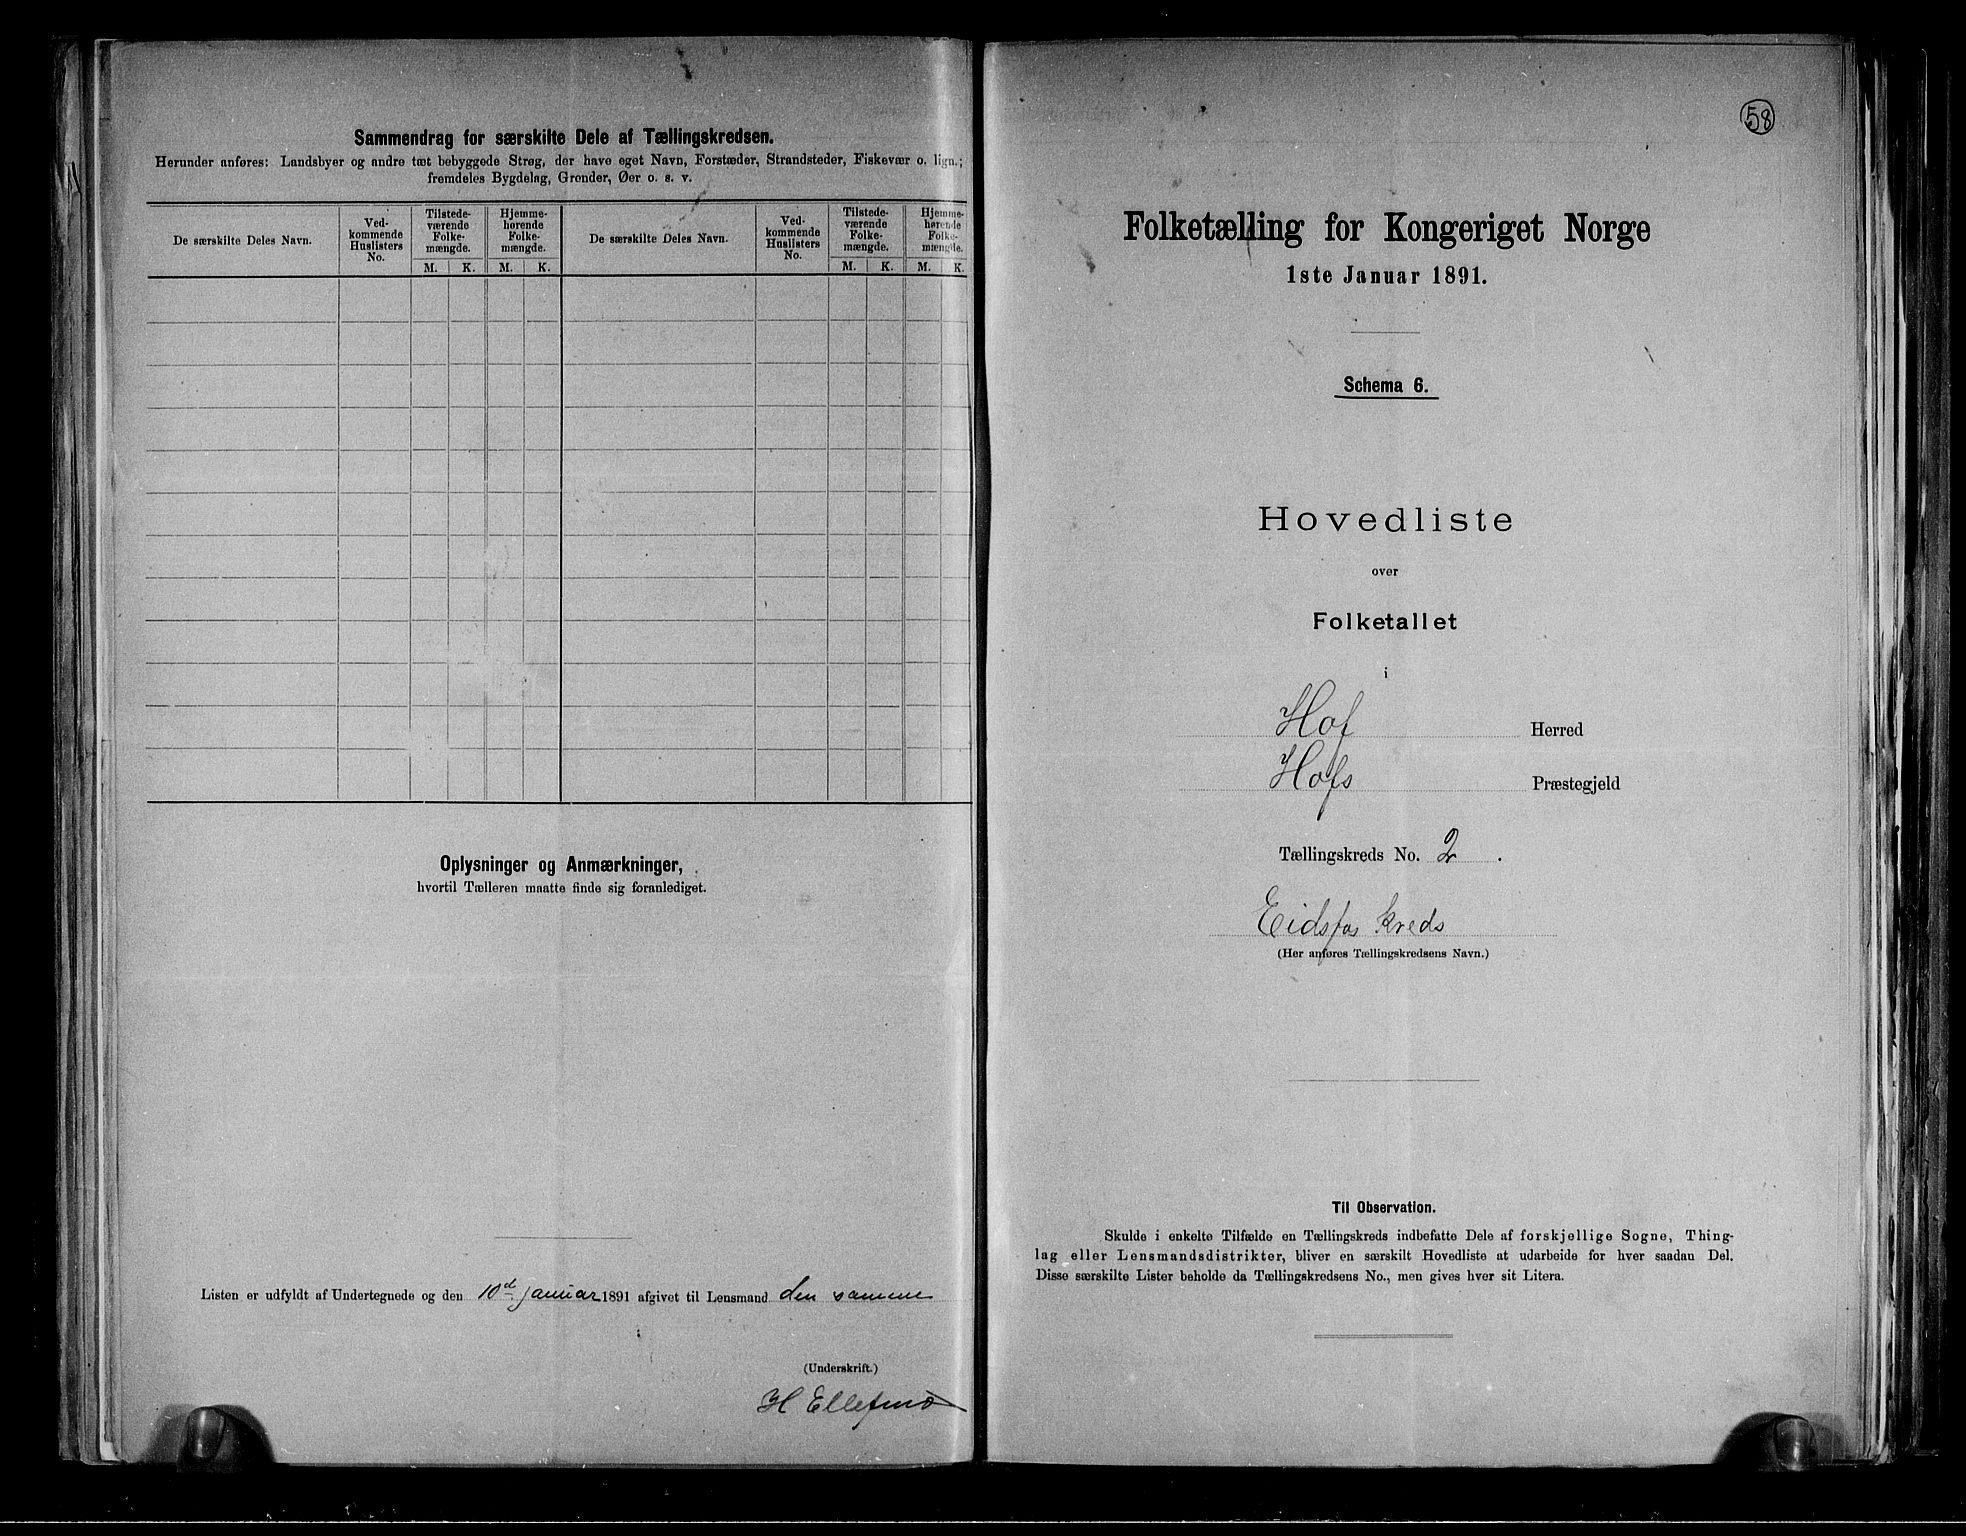 RA, Folketelling 1891 for 0714 Hof herred, 1891, s. 6